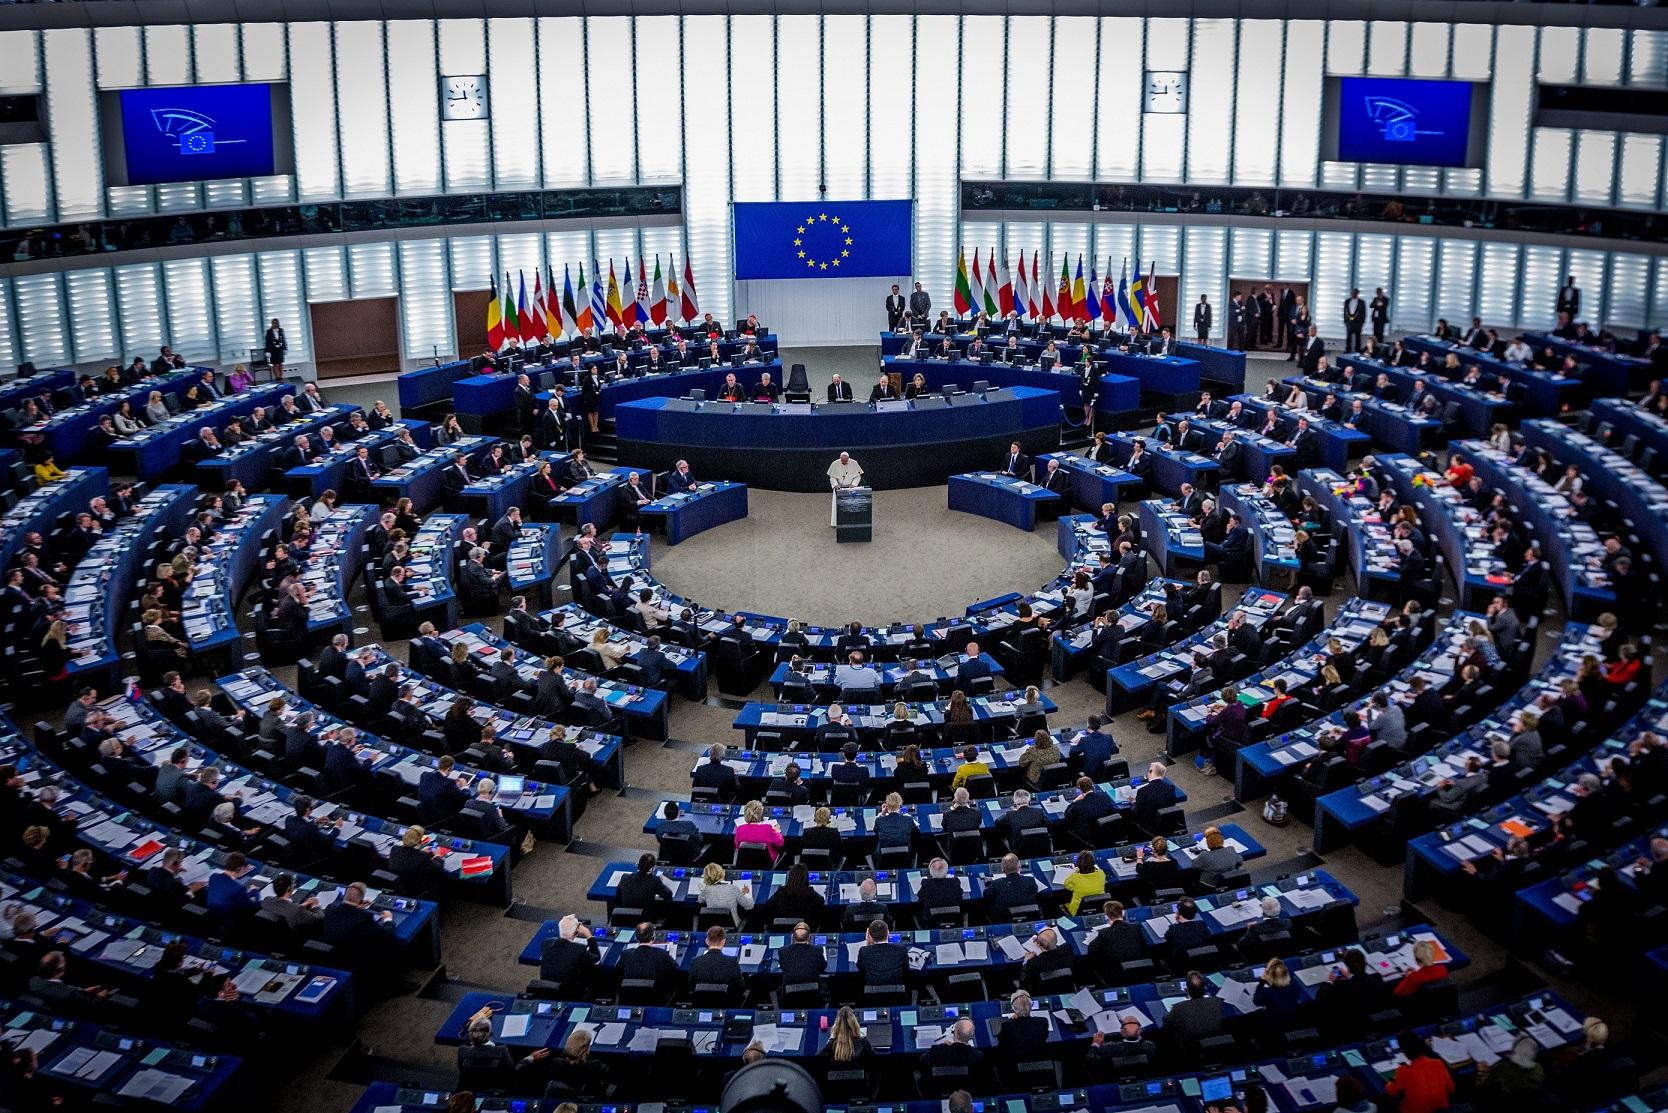 Parlement européen de Strasbourg le 25 novembre 2014 lors de la visite du Pape François (Crédits : Claude TRUONG-NGOC, licence CC-BY-SA 3.0), via Wikimedia.